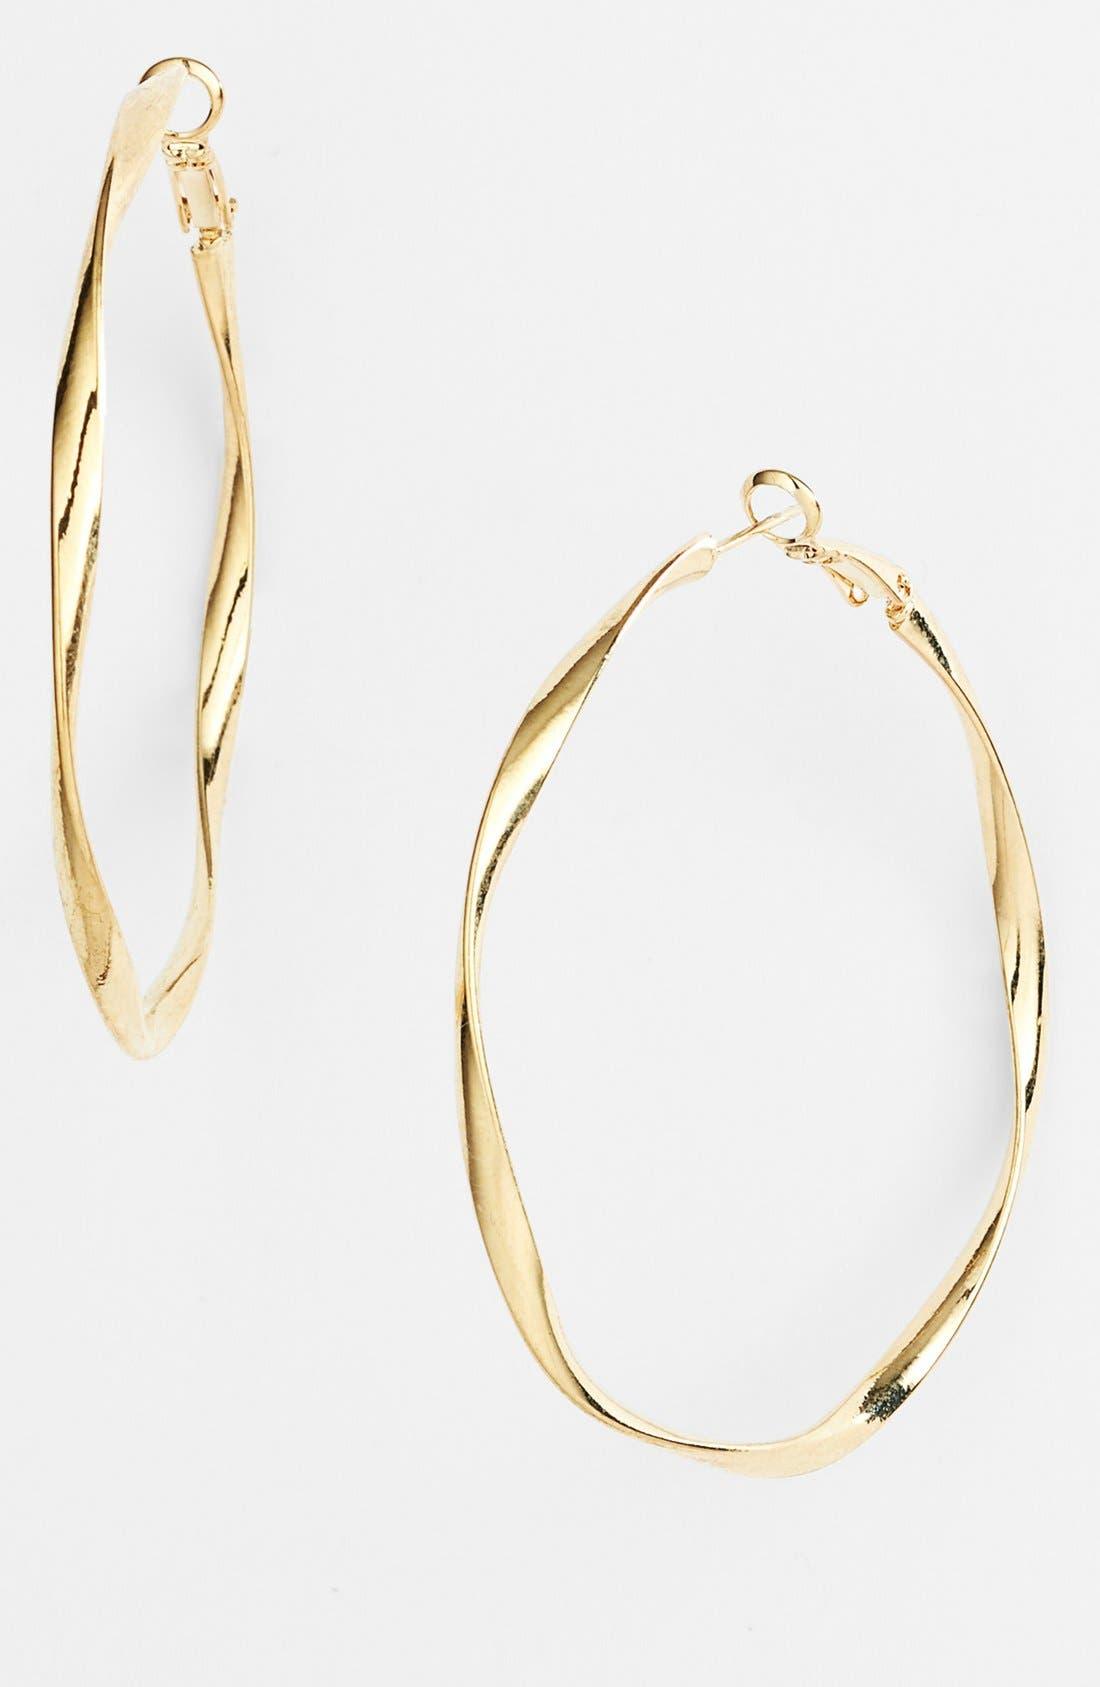 Main Image - Natasha Couture Twisted Hoop Earrings